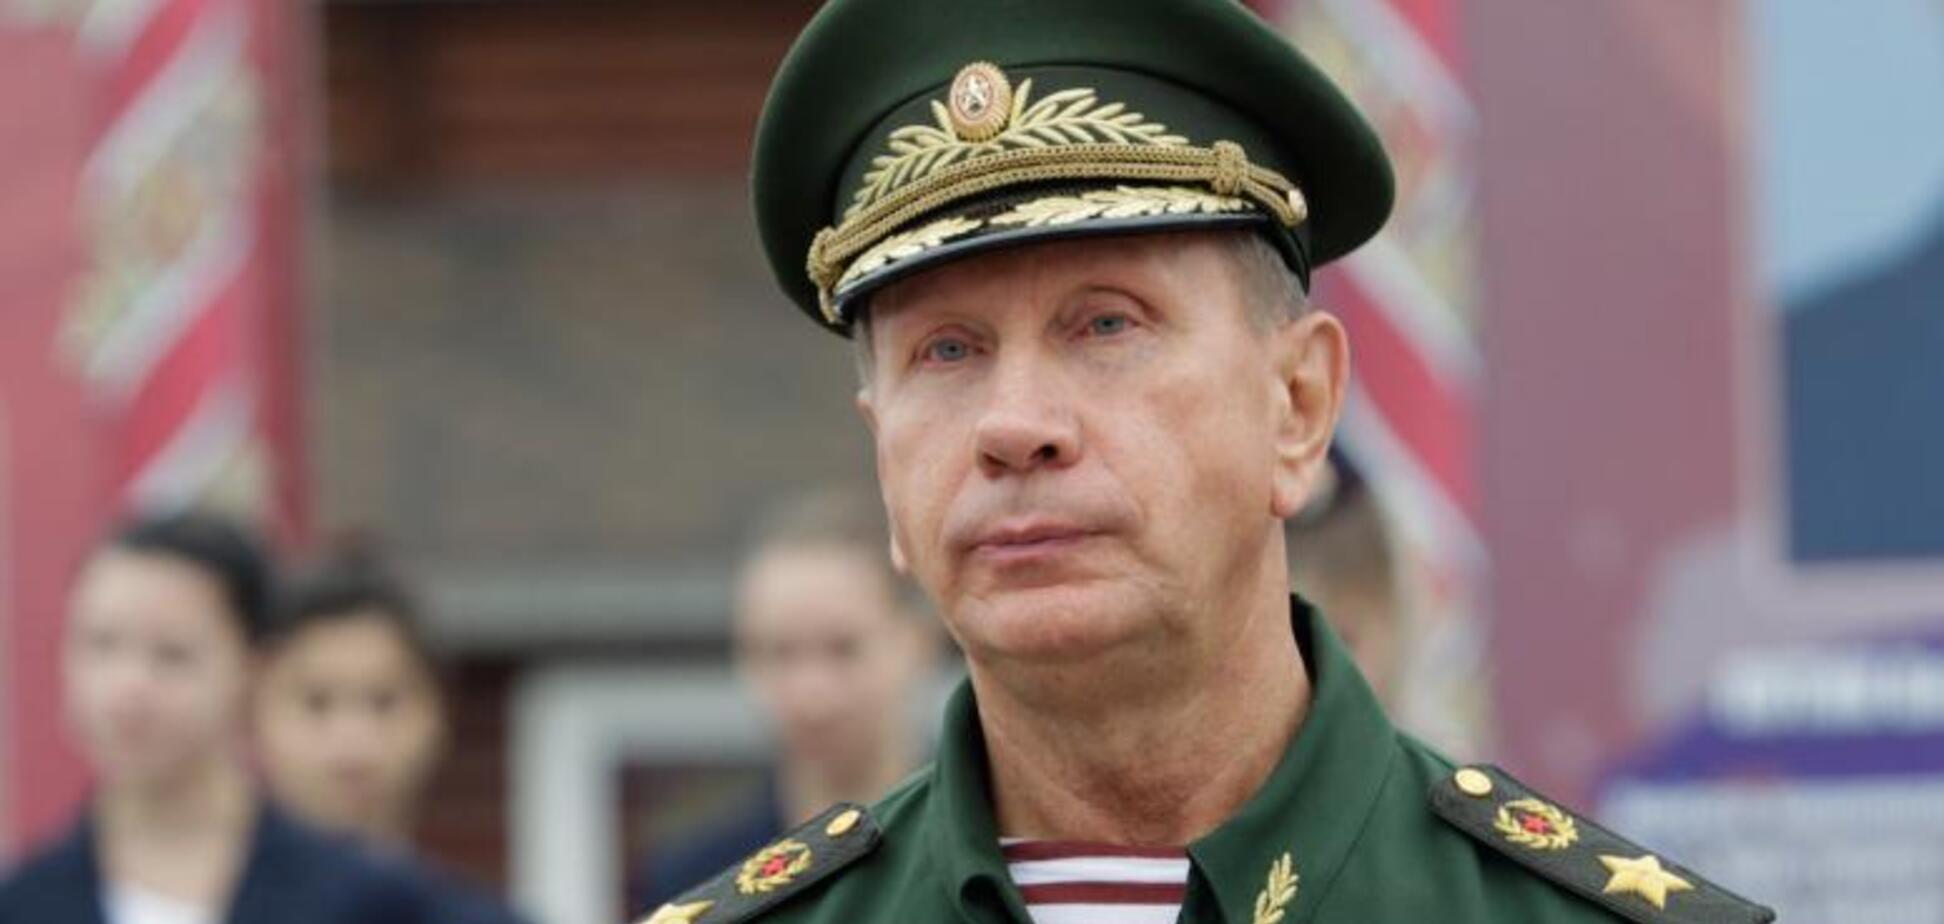 ''Вите надо выйти!'' ''Клона'' Путина высмеяли в сети из-за новой выходки